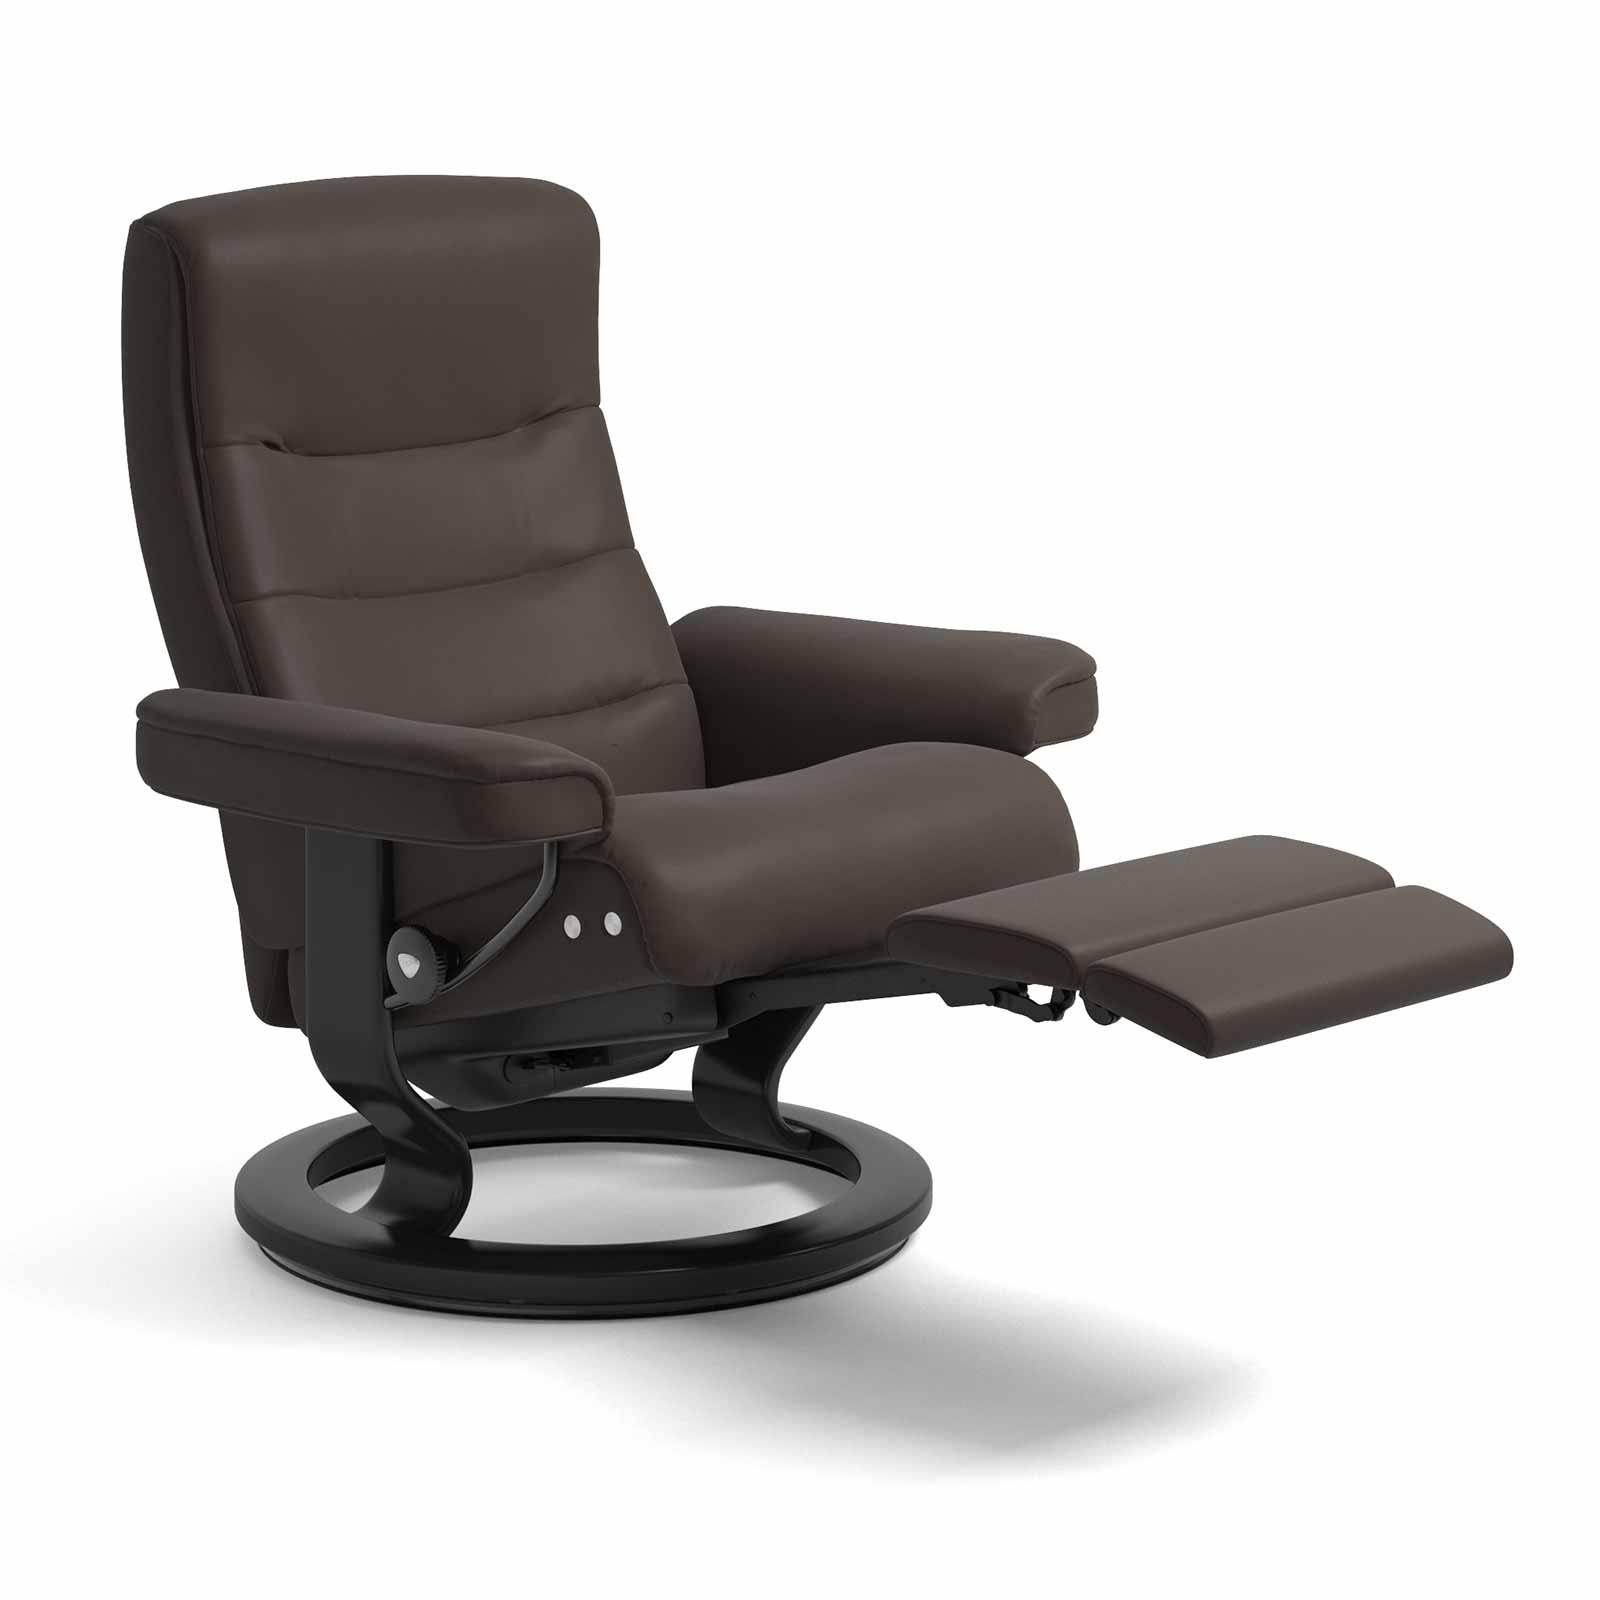 stressless sessel nordic legcomfort batick braun mit hocker. Black Bedroom Furniture Sets. Home Design Ideas